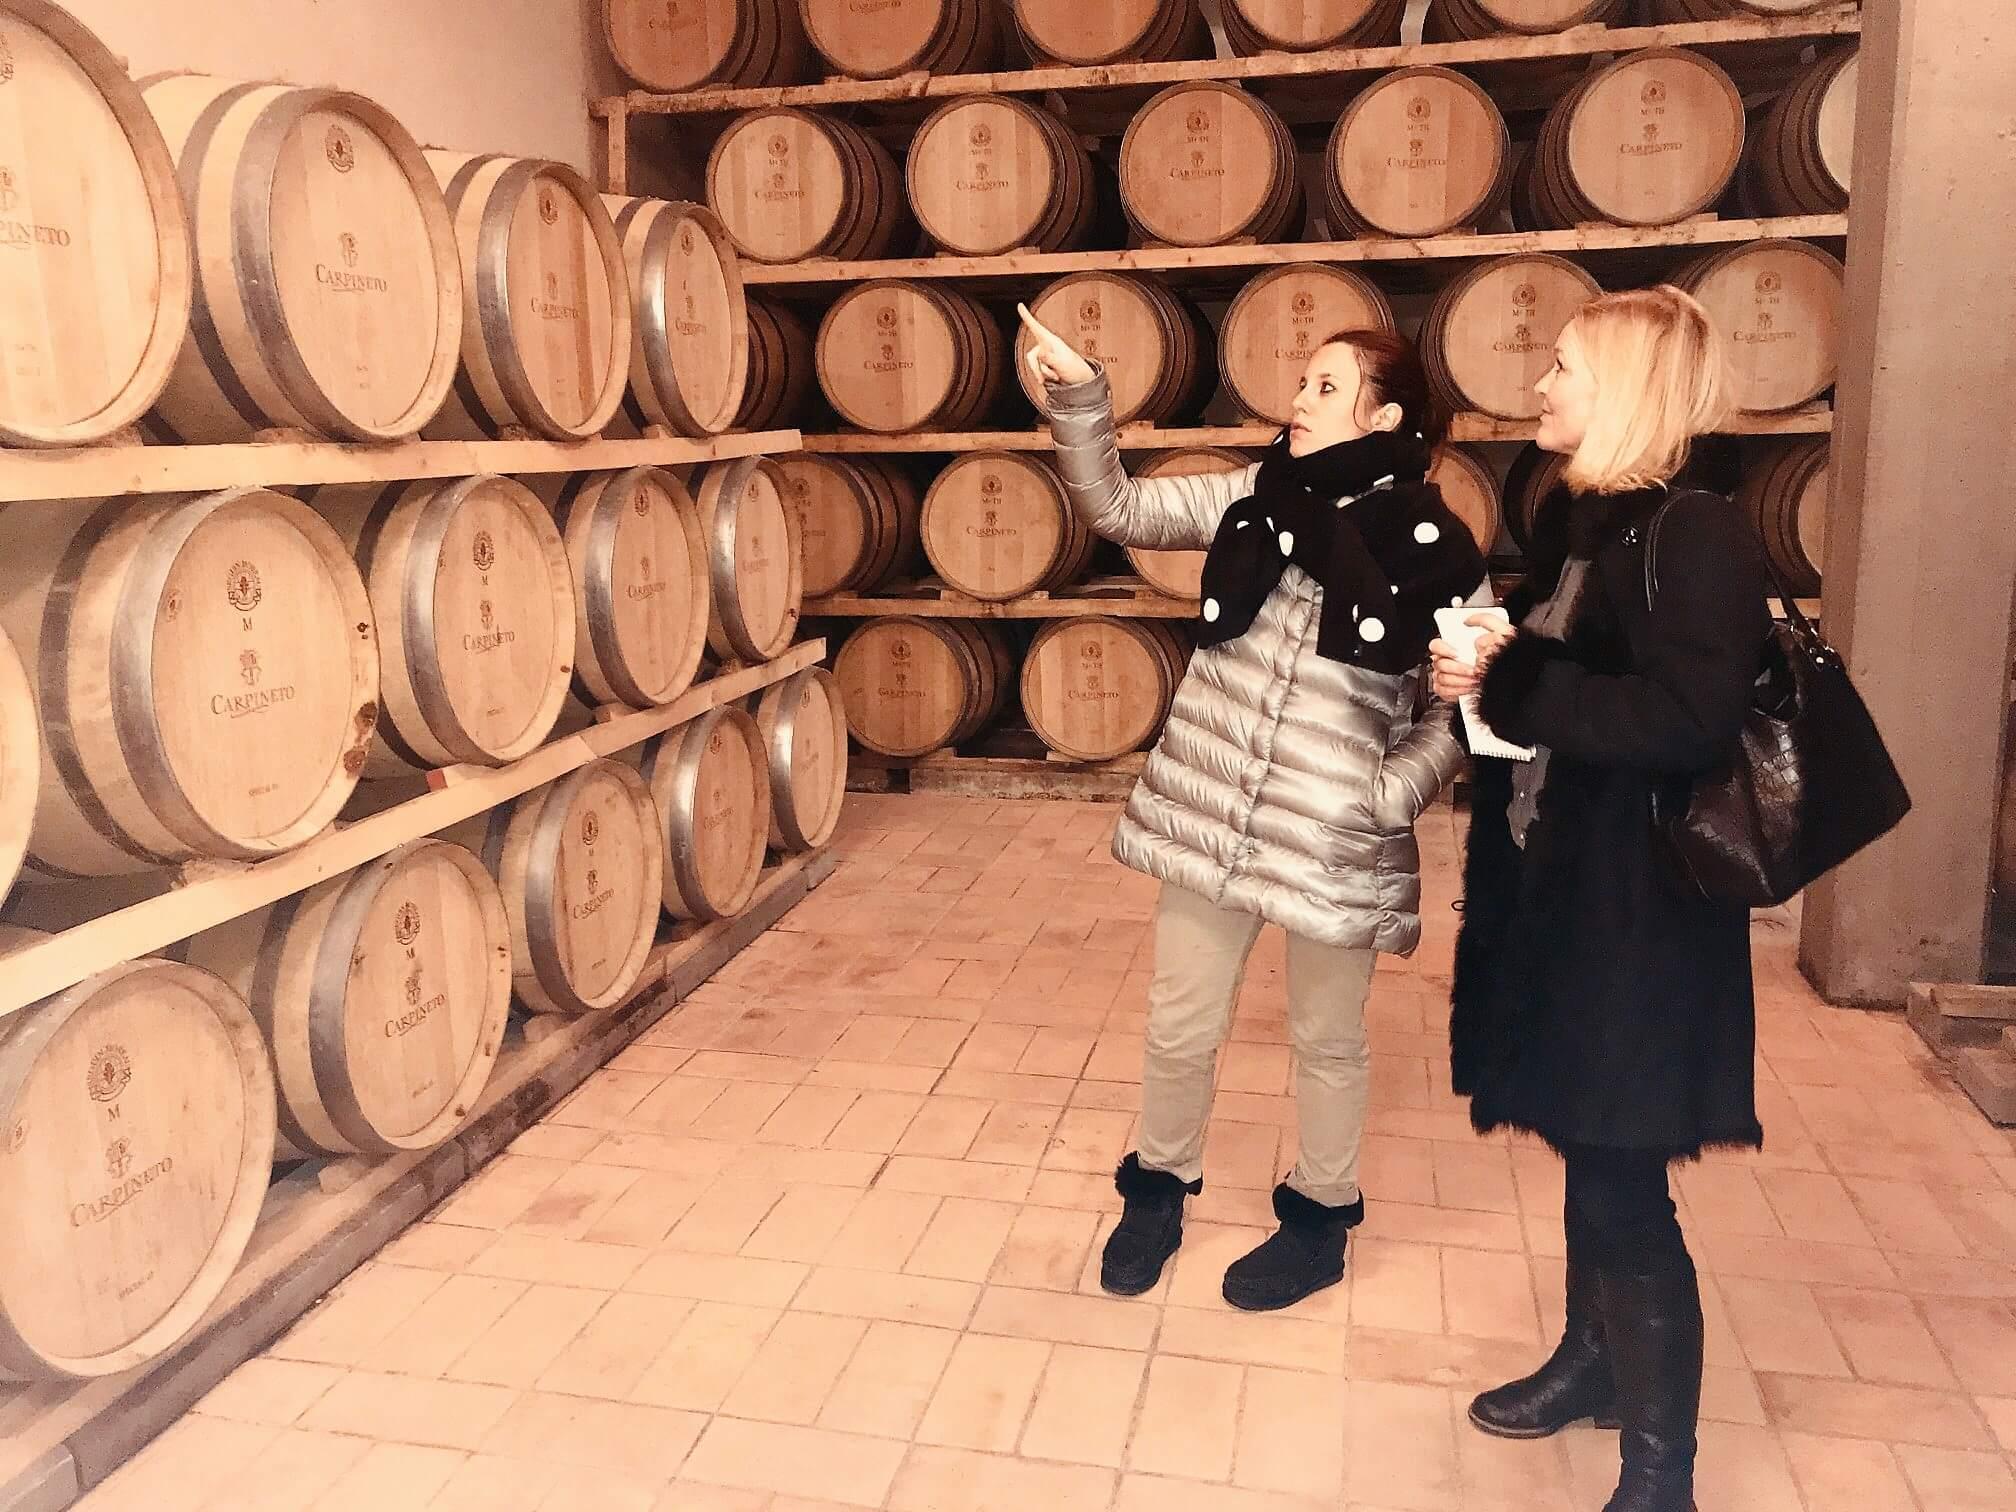 Det går mot likestilling i vinverden. For kvinner og vin hører sammen. Stadig flere kvinner lager, drikker og skriver om vin. Men selv om de er flere, er det fortsatt en vei igjen, så hvorfor ikke prøve en vin som er laget av en dame?